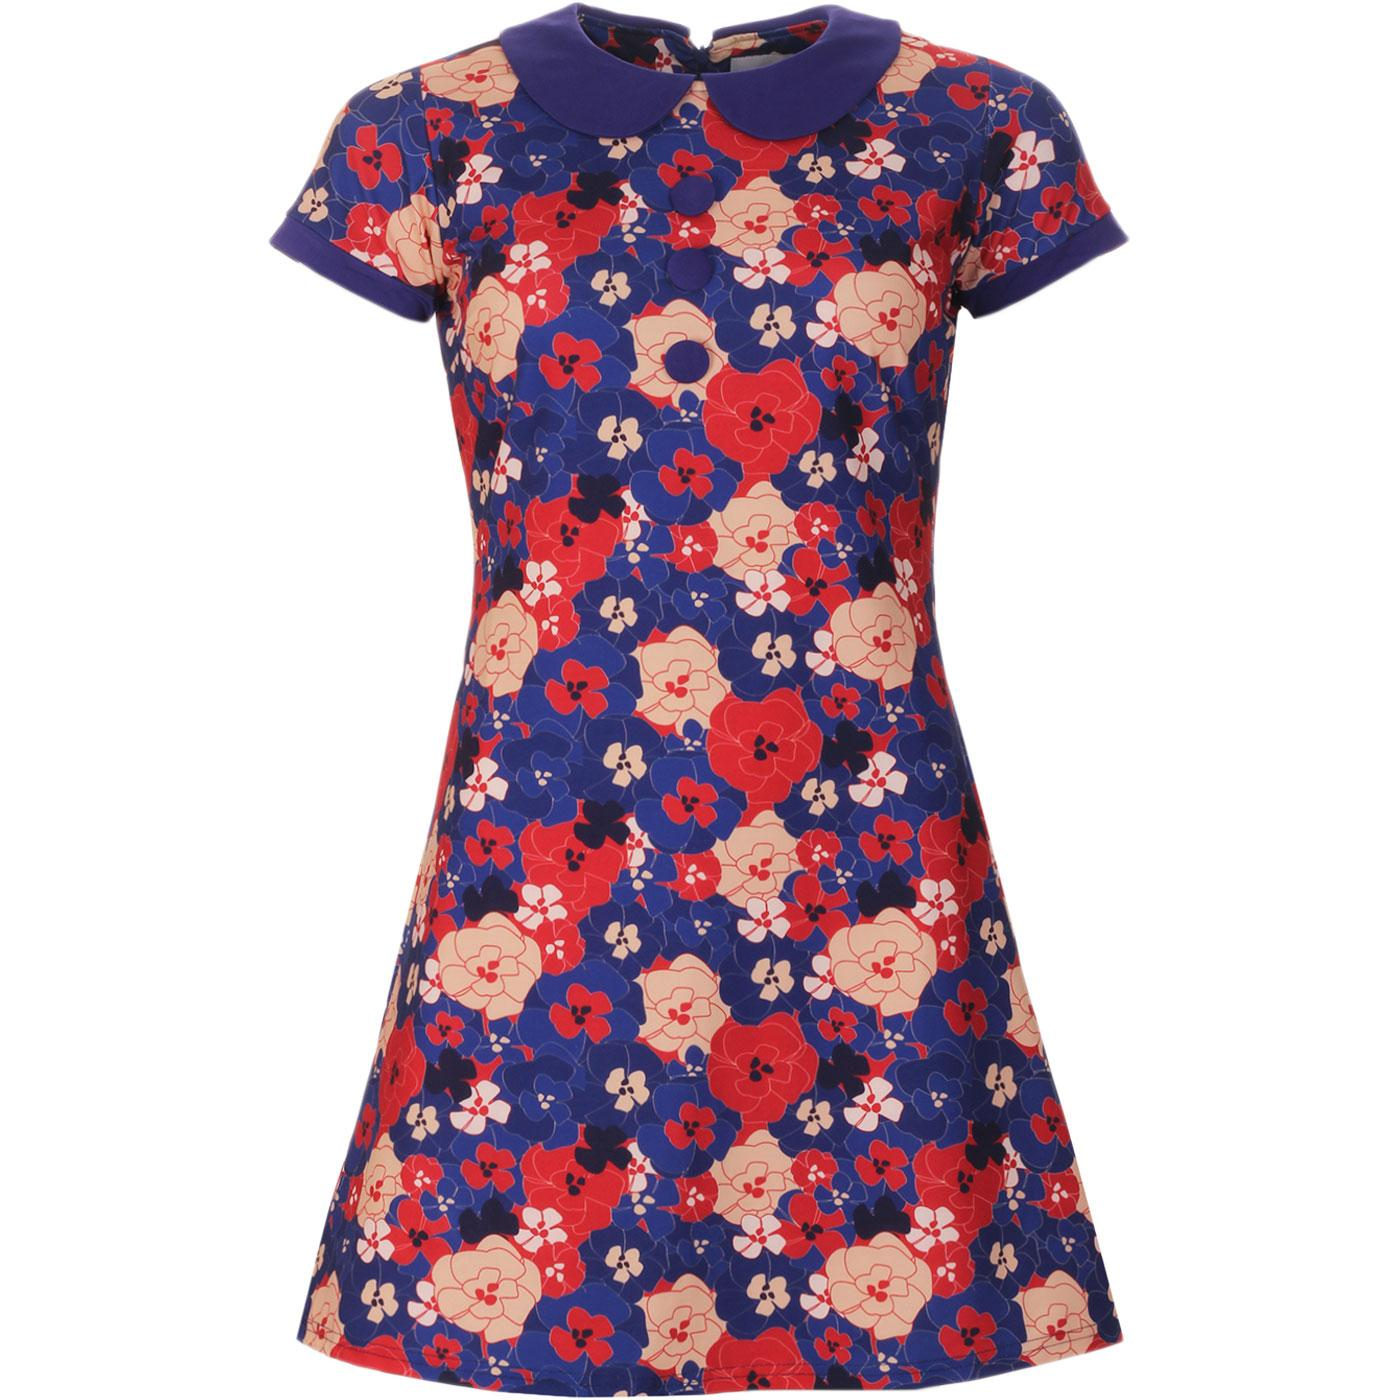 Madcap England Dollierocker Retro Floral Peter Pan Collar 60s Mod Dress